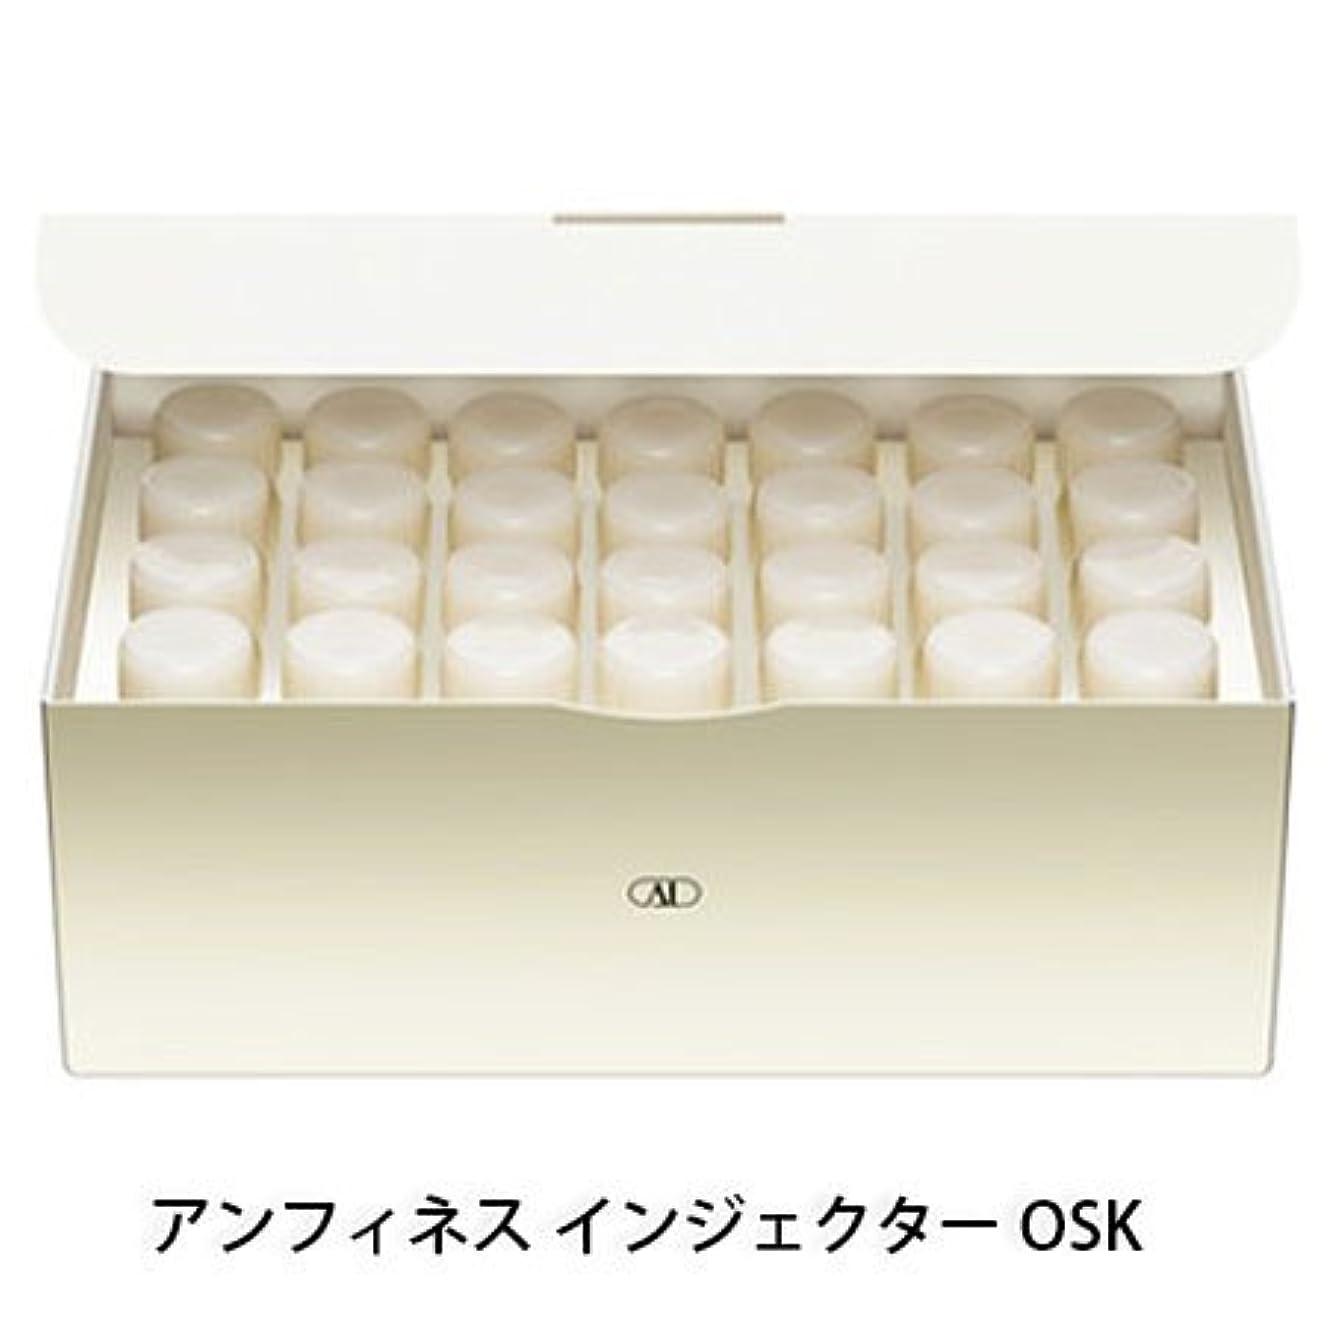 パッケージ集計スリーブアルビオン アンフィネス インジェクター OSK 1.0ml×28本 -ALBION-